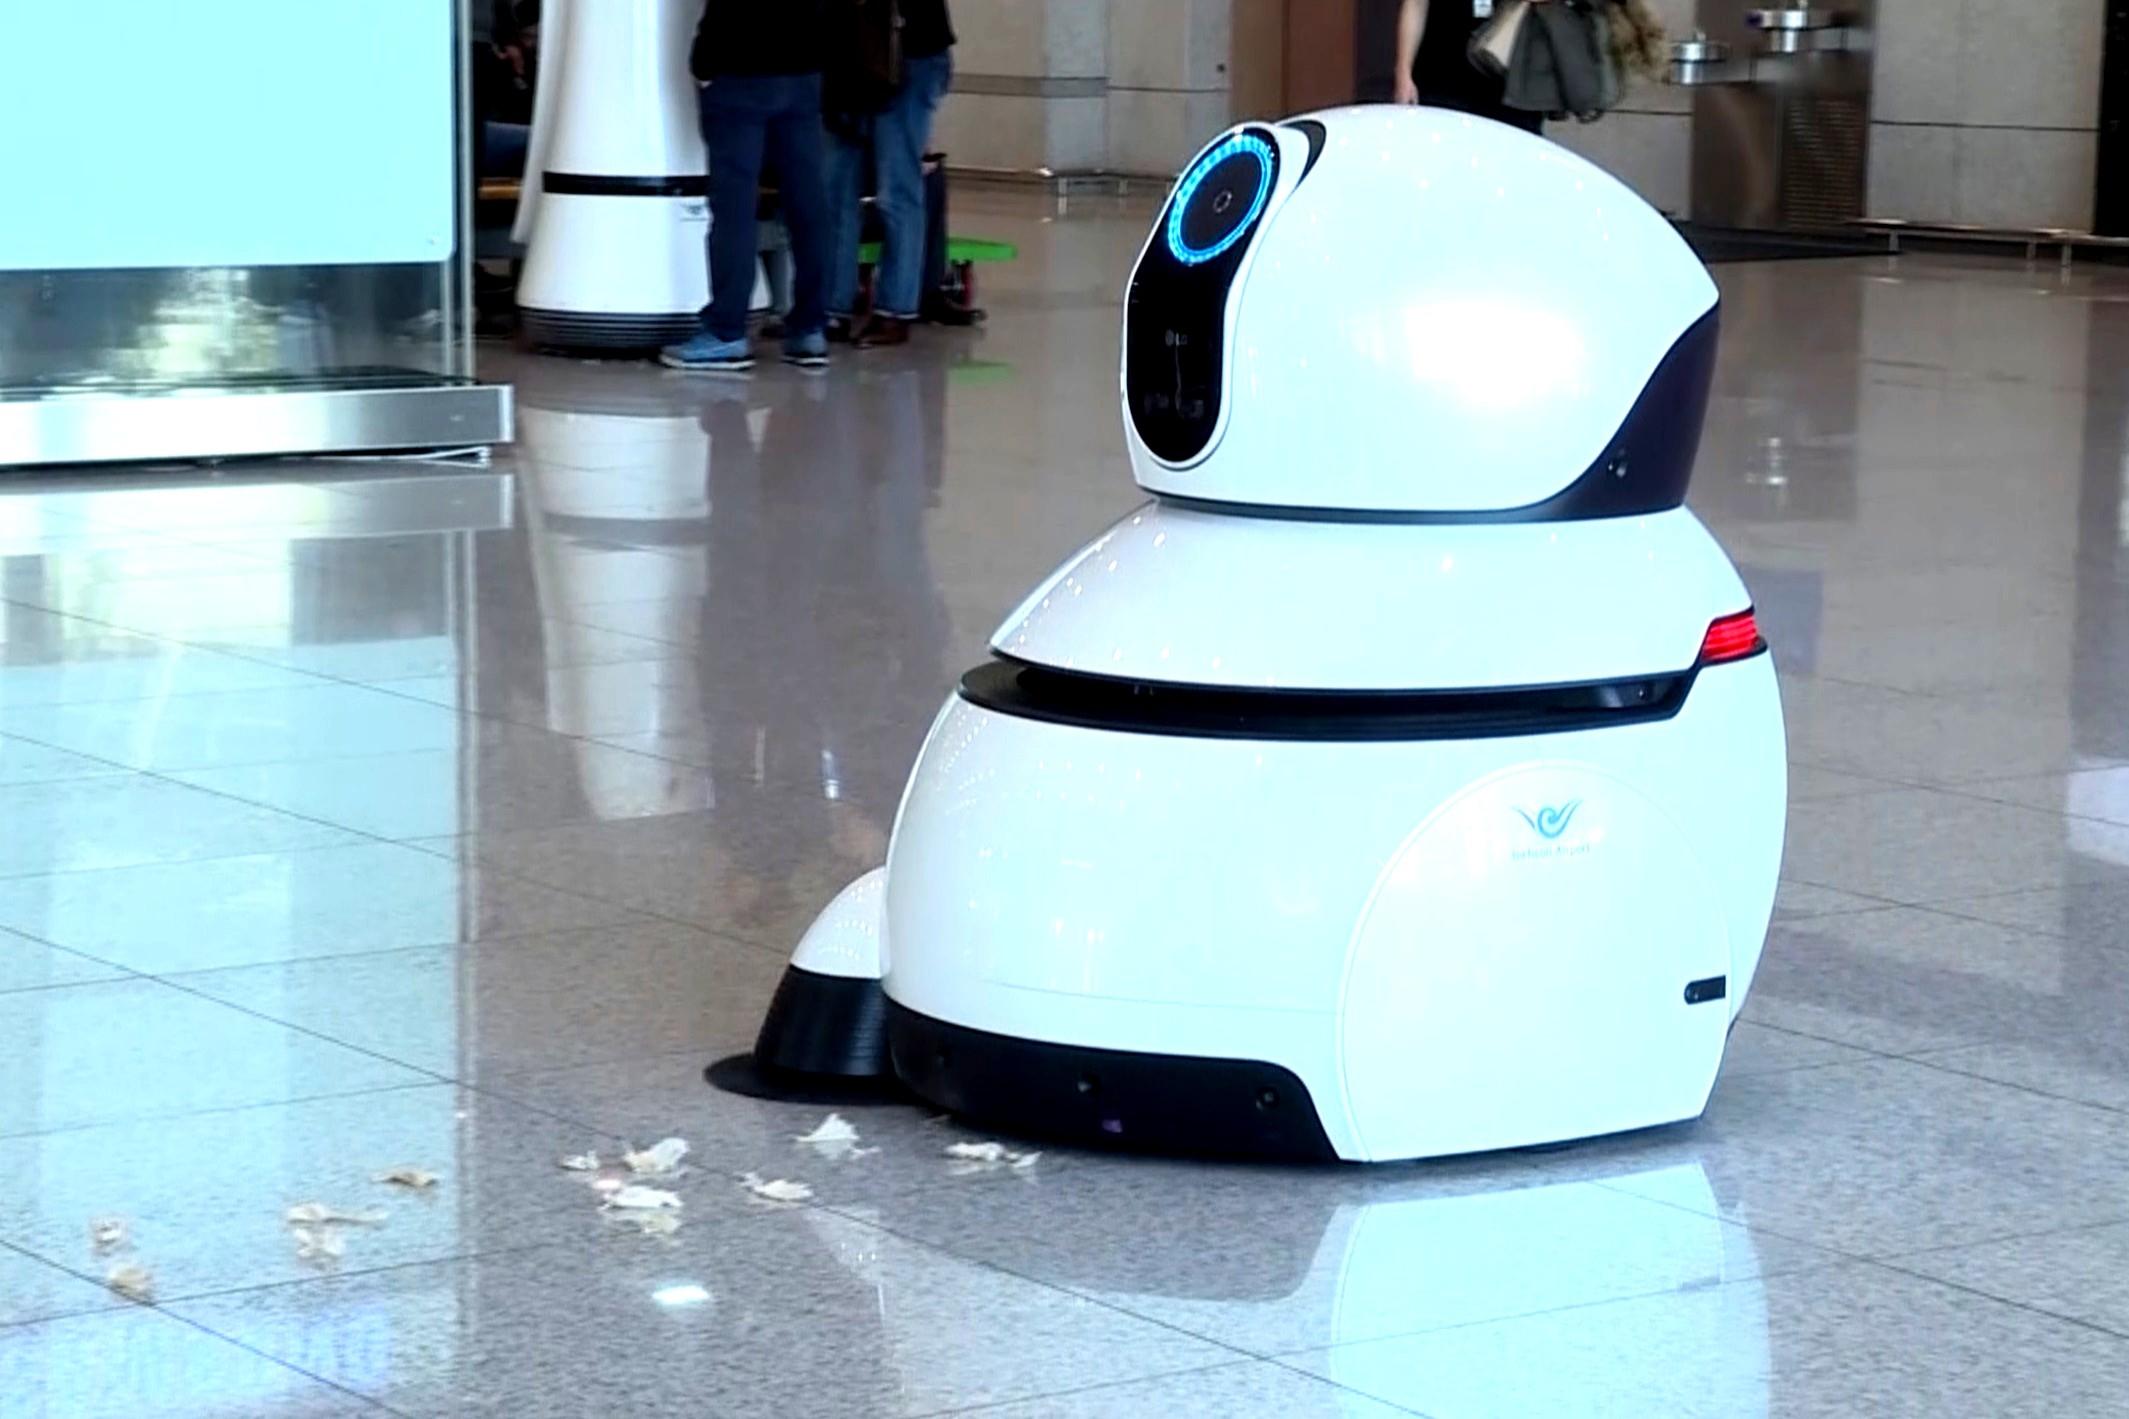 Imagem de Robôs da LG vão servir de guias e faxineiros em aeroporto da Coreia do Sul no tecmundo